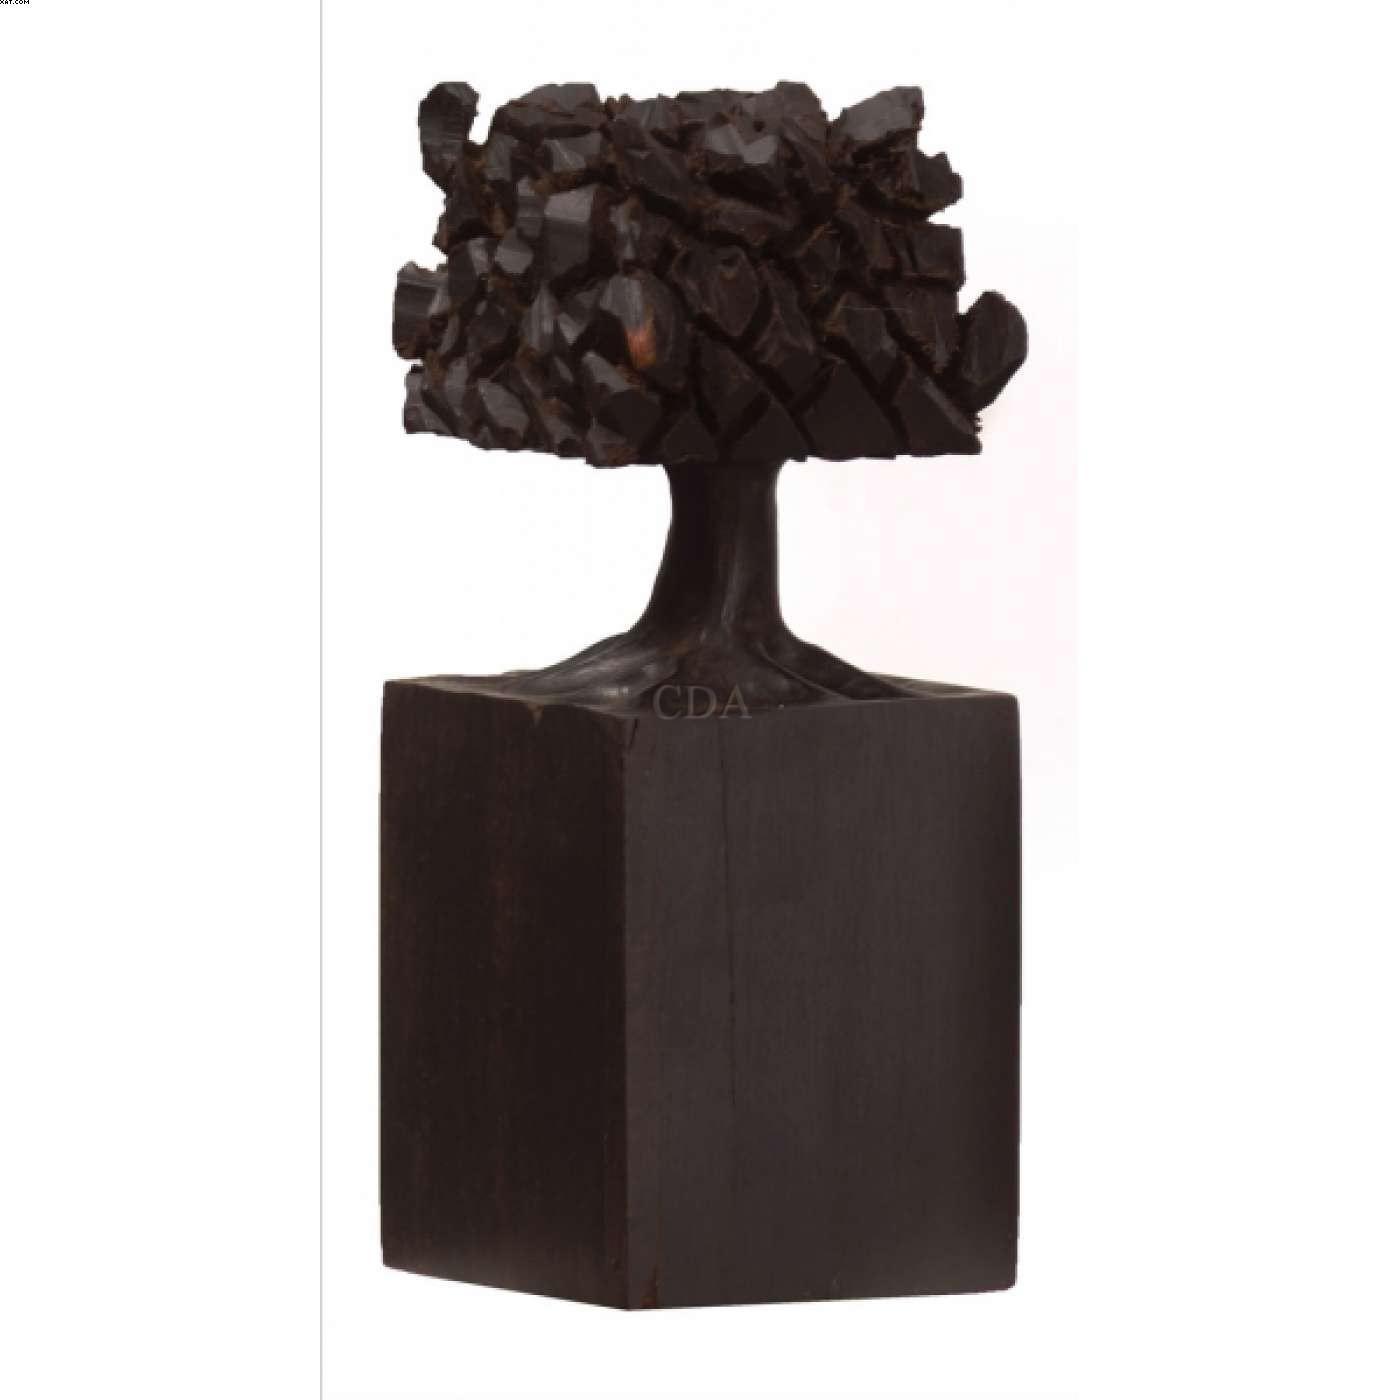 Árvore - Jose Bento - José Bento Franco Chaves